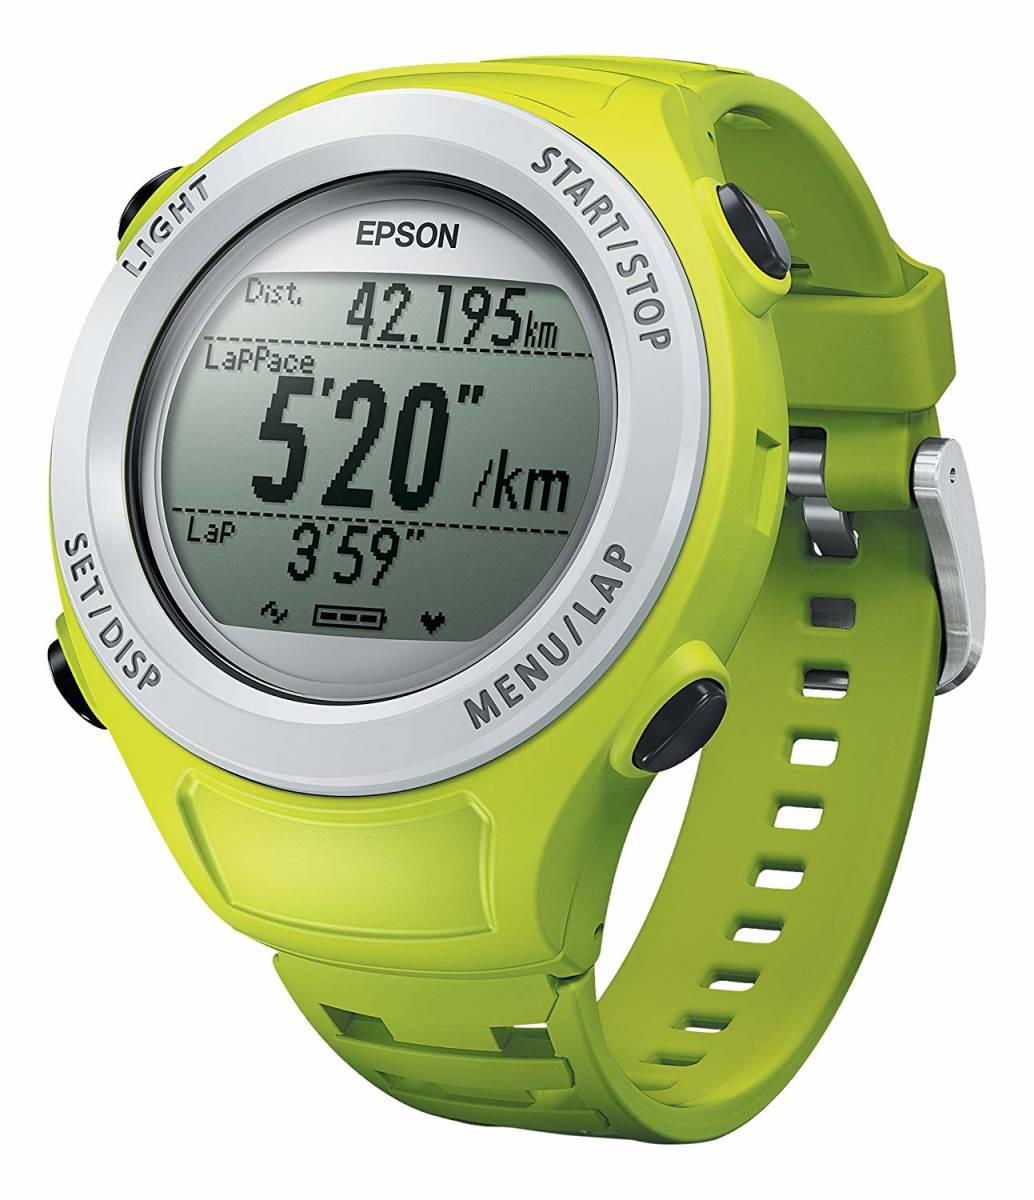 ★最終値下げ&送料無料★EPSON Wristable GPS 腕時計 GPS機能付 SF-110G お安く即決!_画像3